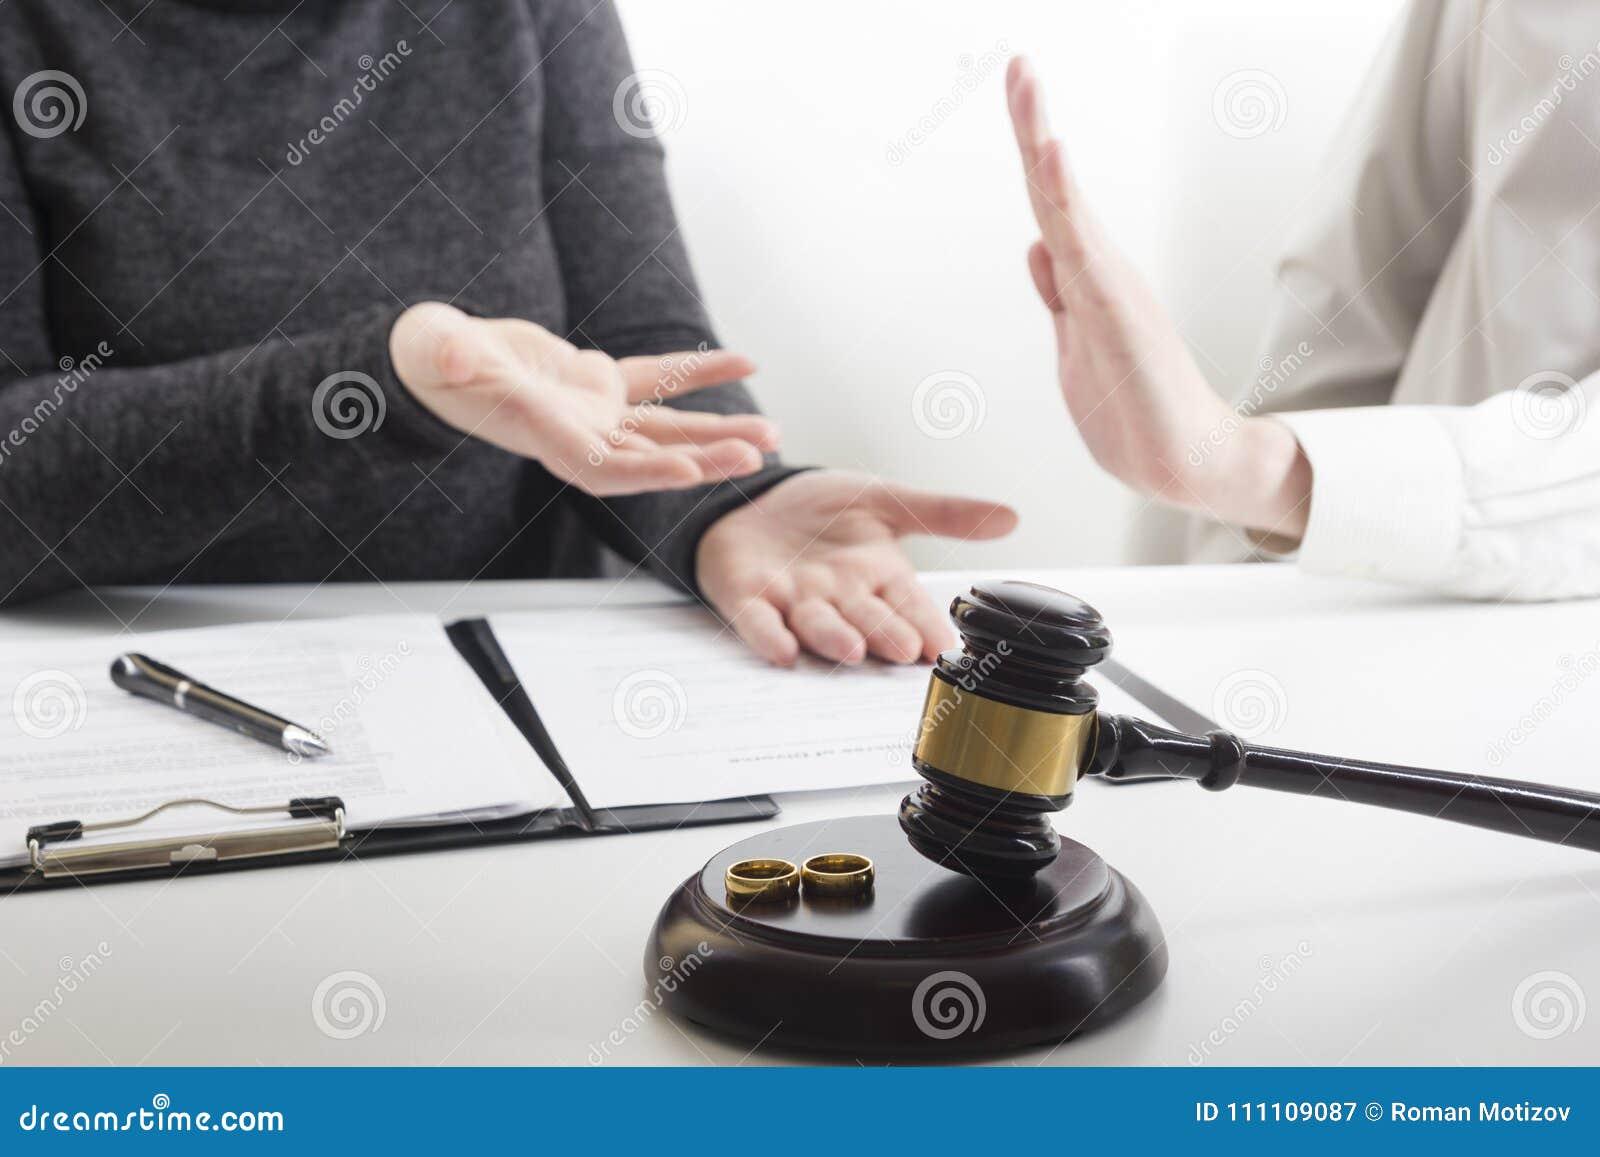 Mãos da esposa, decreto do marido do divórcio de assinatura, dissolução, cancelando a união, originais da separação legal, arquiv